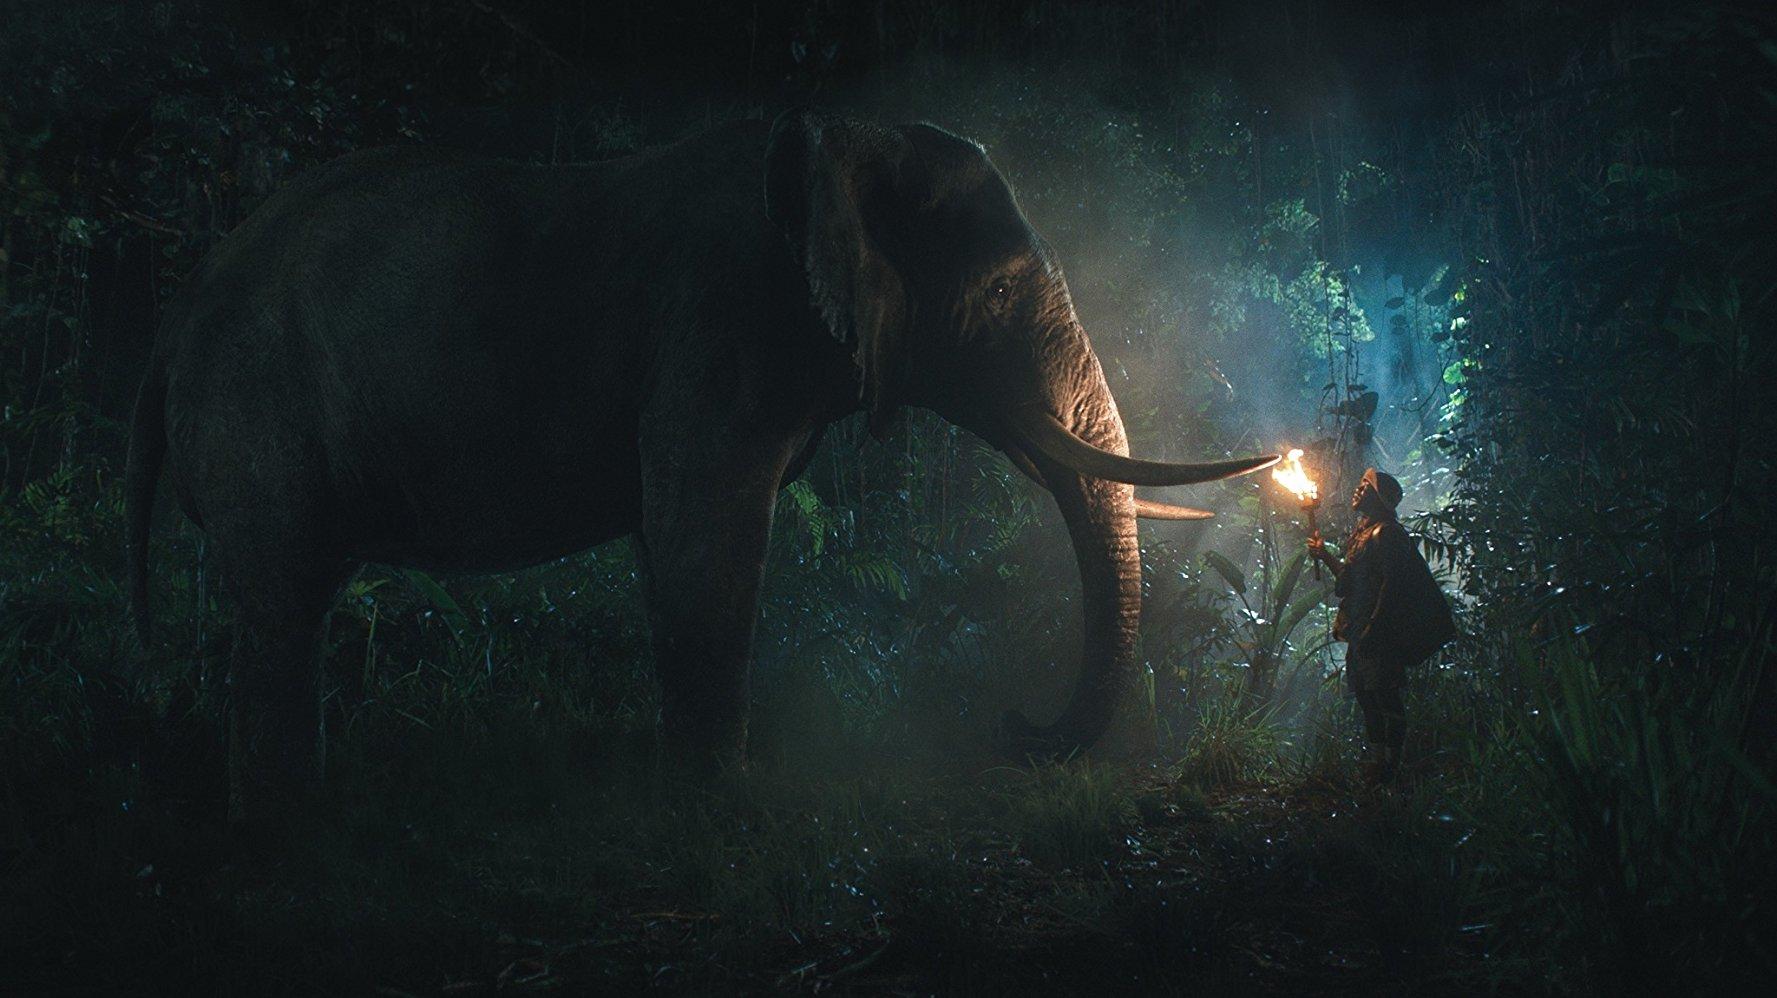 A látvány a helyén van és a színészek is jók a Jumanji: Vár a dzsungel filmben.